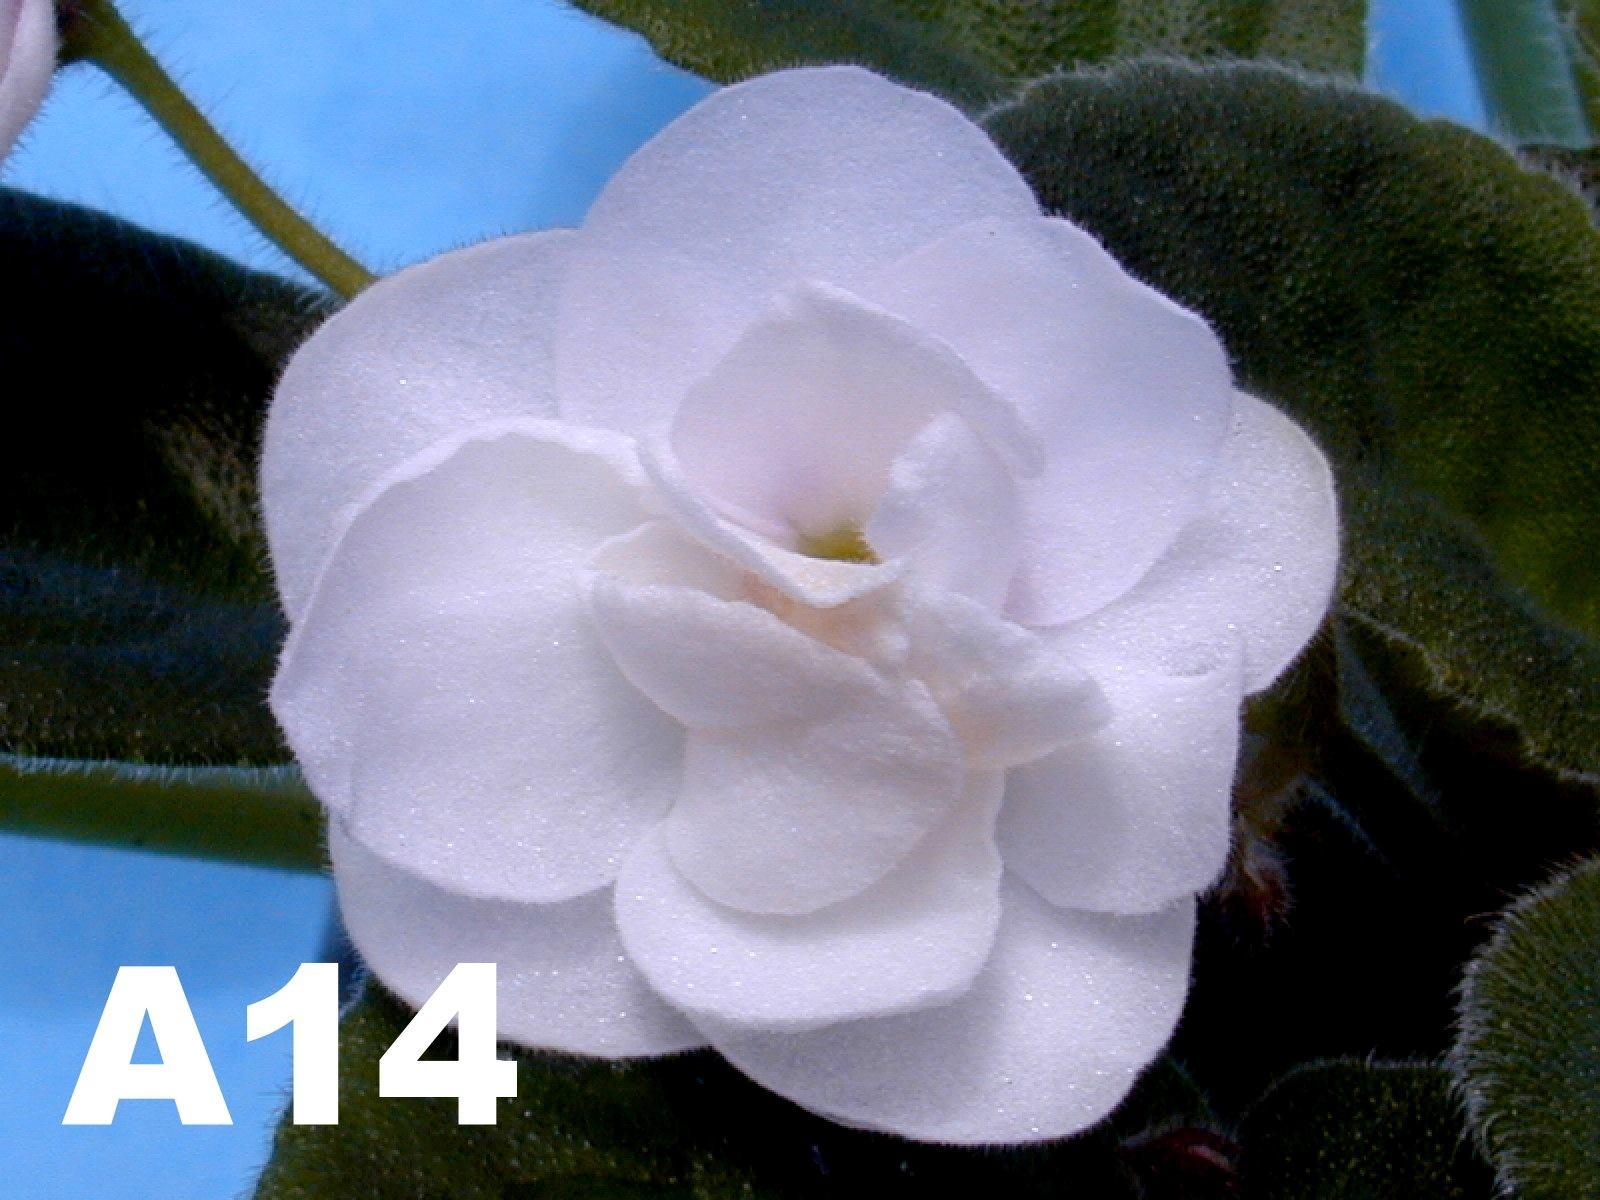 非洲紫羅蘭名錄 | African Violets Catalogue - A系列 A14